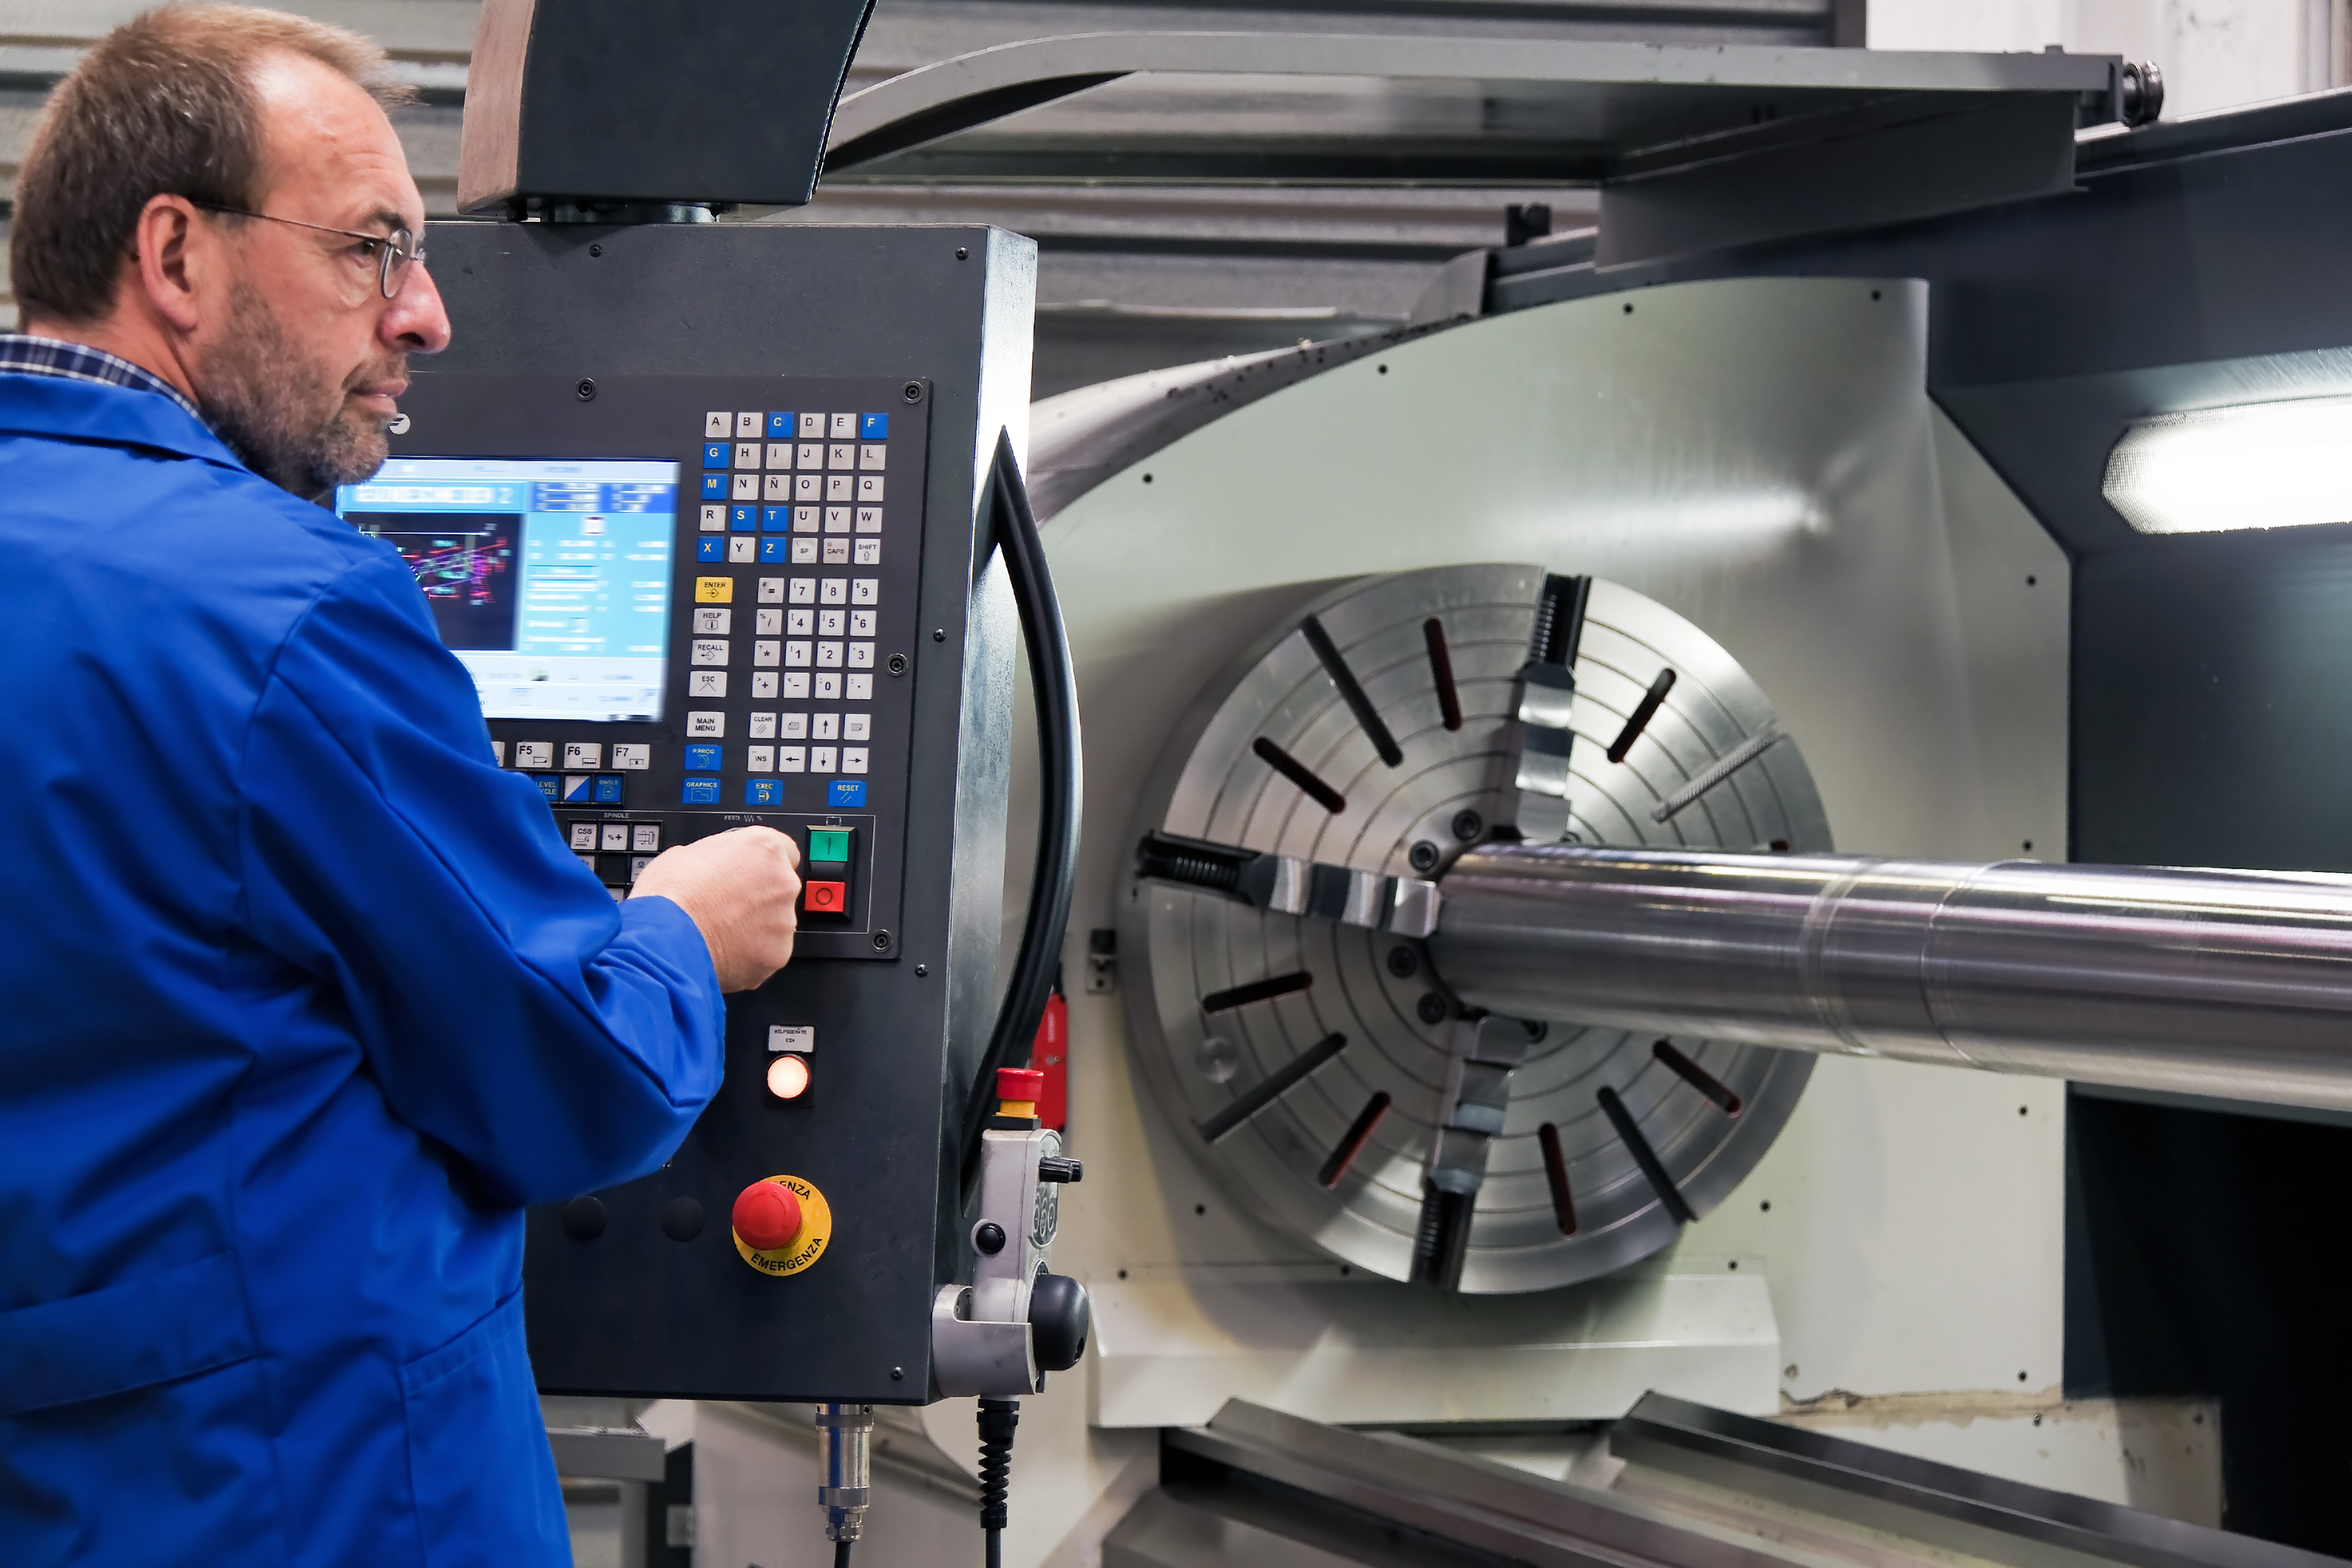 Arbeiter an einer Fräsmaschine. Foto: www.BilderBox.com